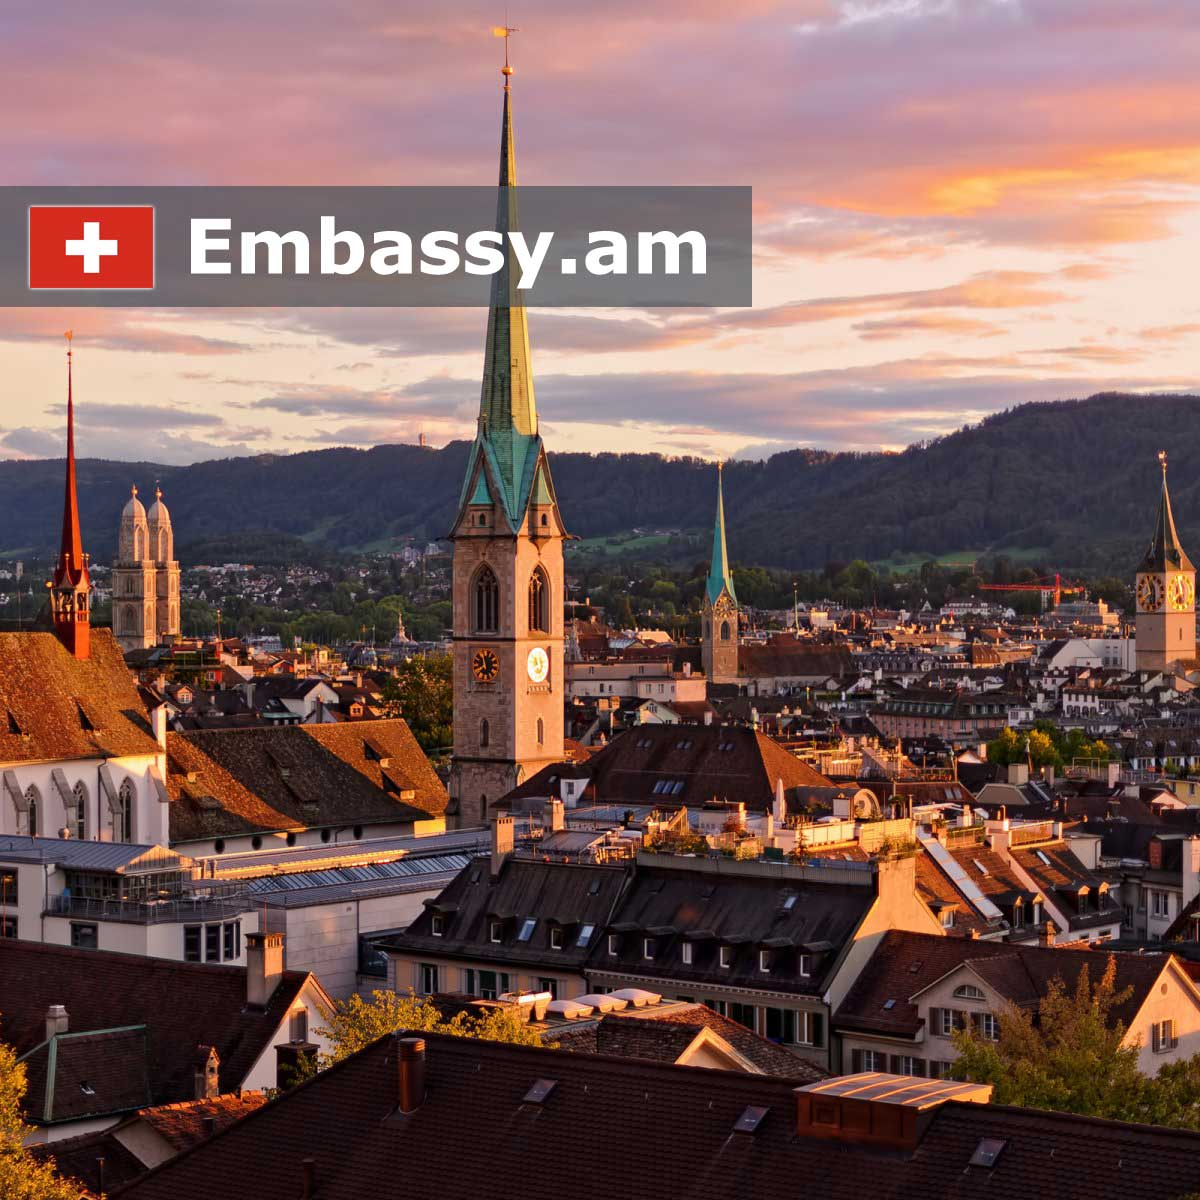 Цюрих - Отели в Швейцарии - Embassy.am